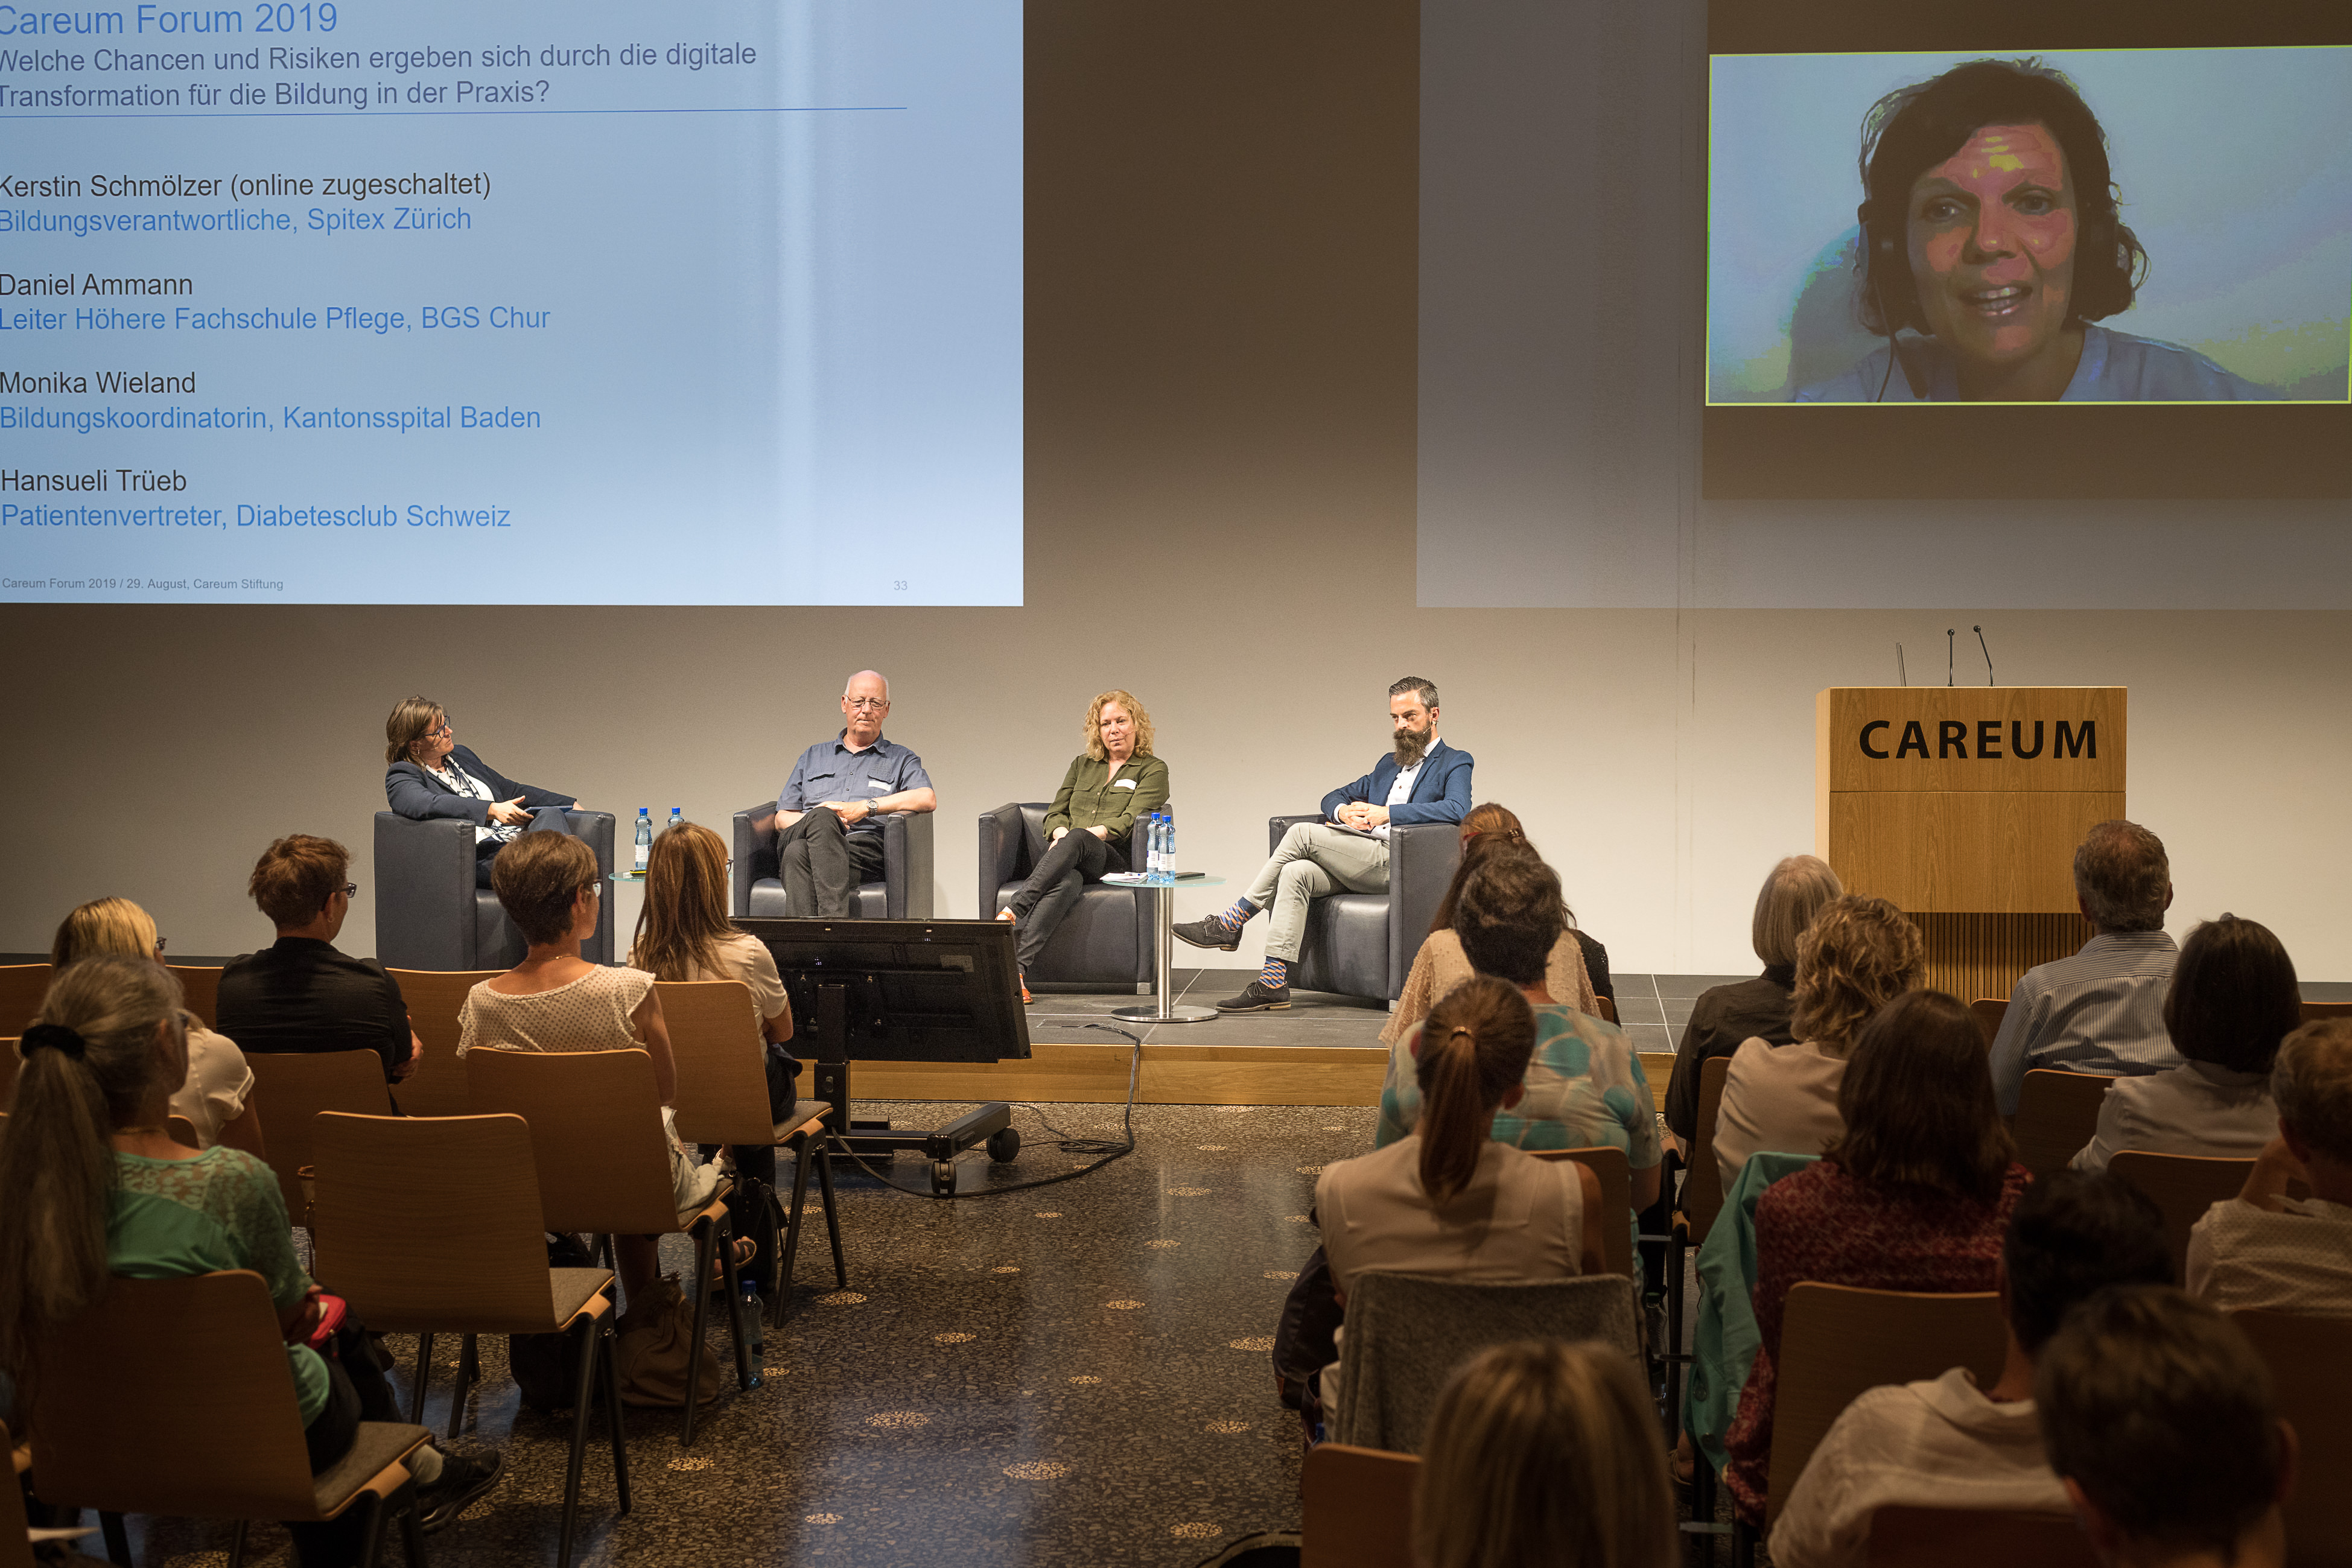 Digital – genial oder fatal? – Ein Kurzbericht vom Careum Forum 2019 zu den Auswirkungen der Digitalisierung auf die praktische Aus- und Weiterbildung in den Gesundheitsberufen